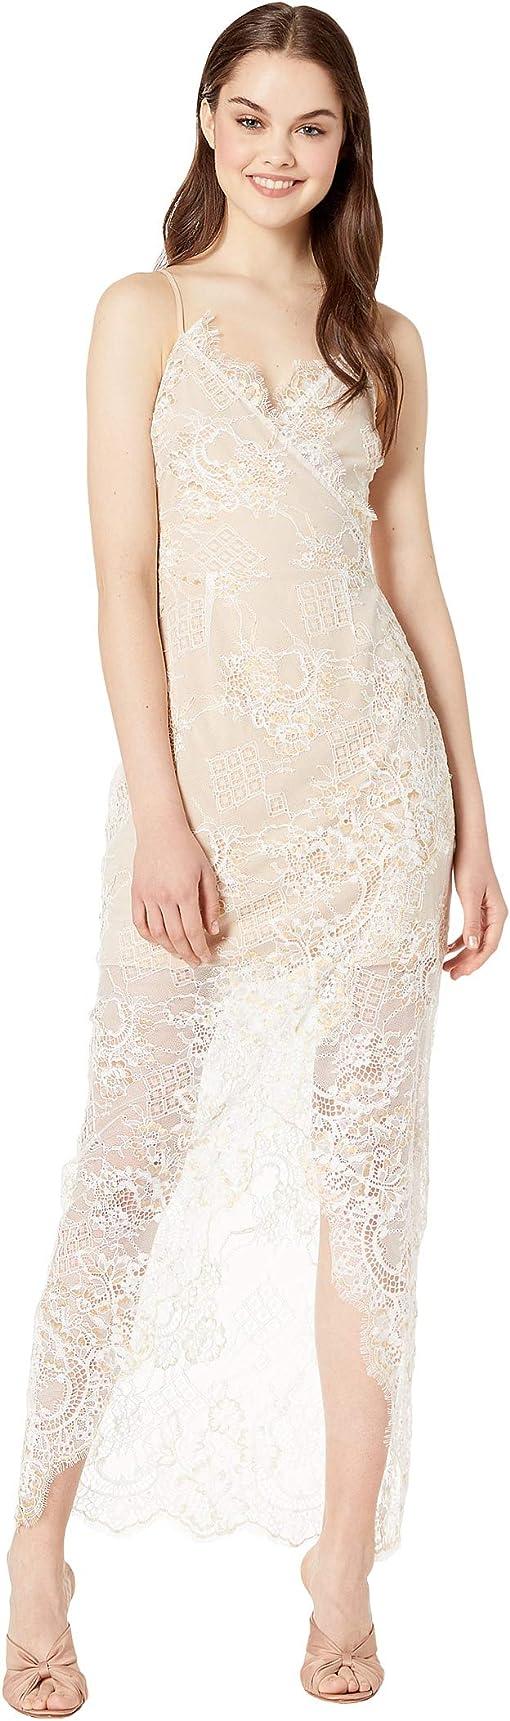 Ivory Foil Lace